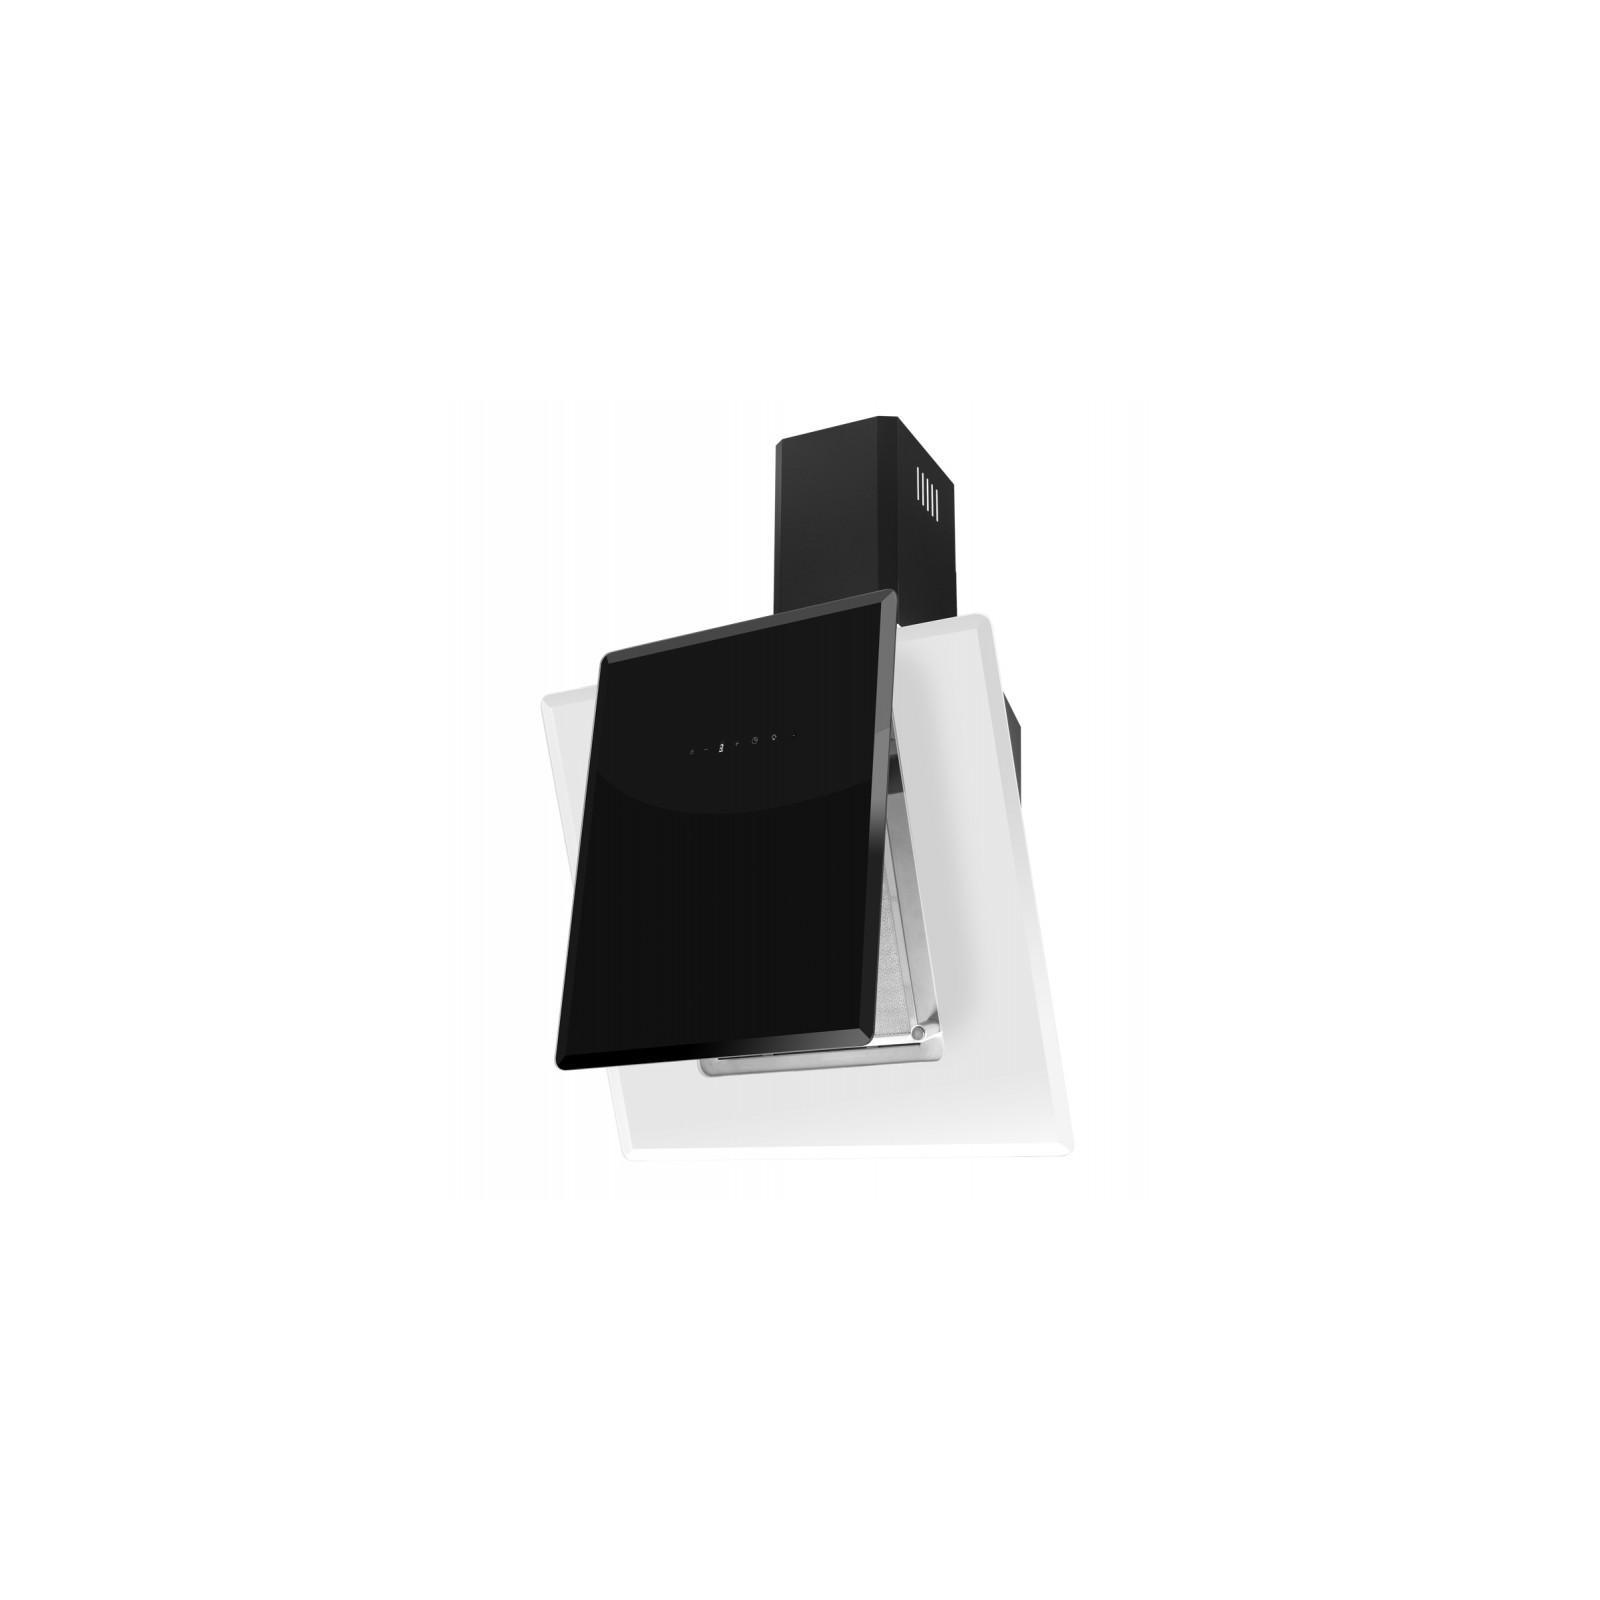 Вытяжка кухонная VENTOLUX FIJI 60 BK/WH (1000) TC IT изображение 3